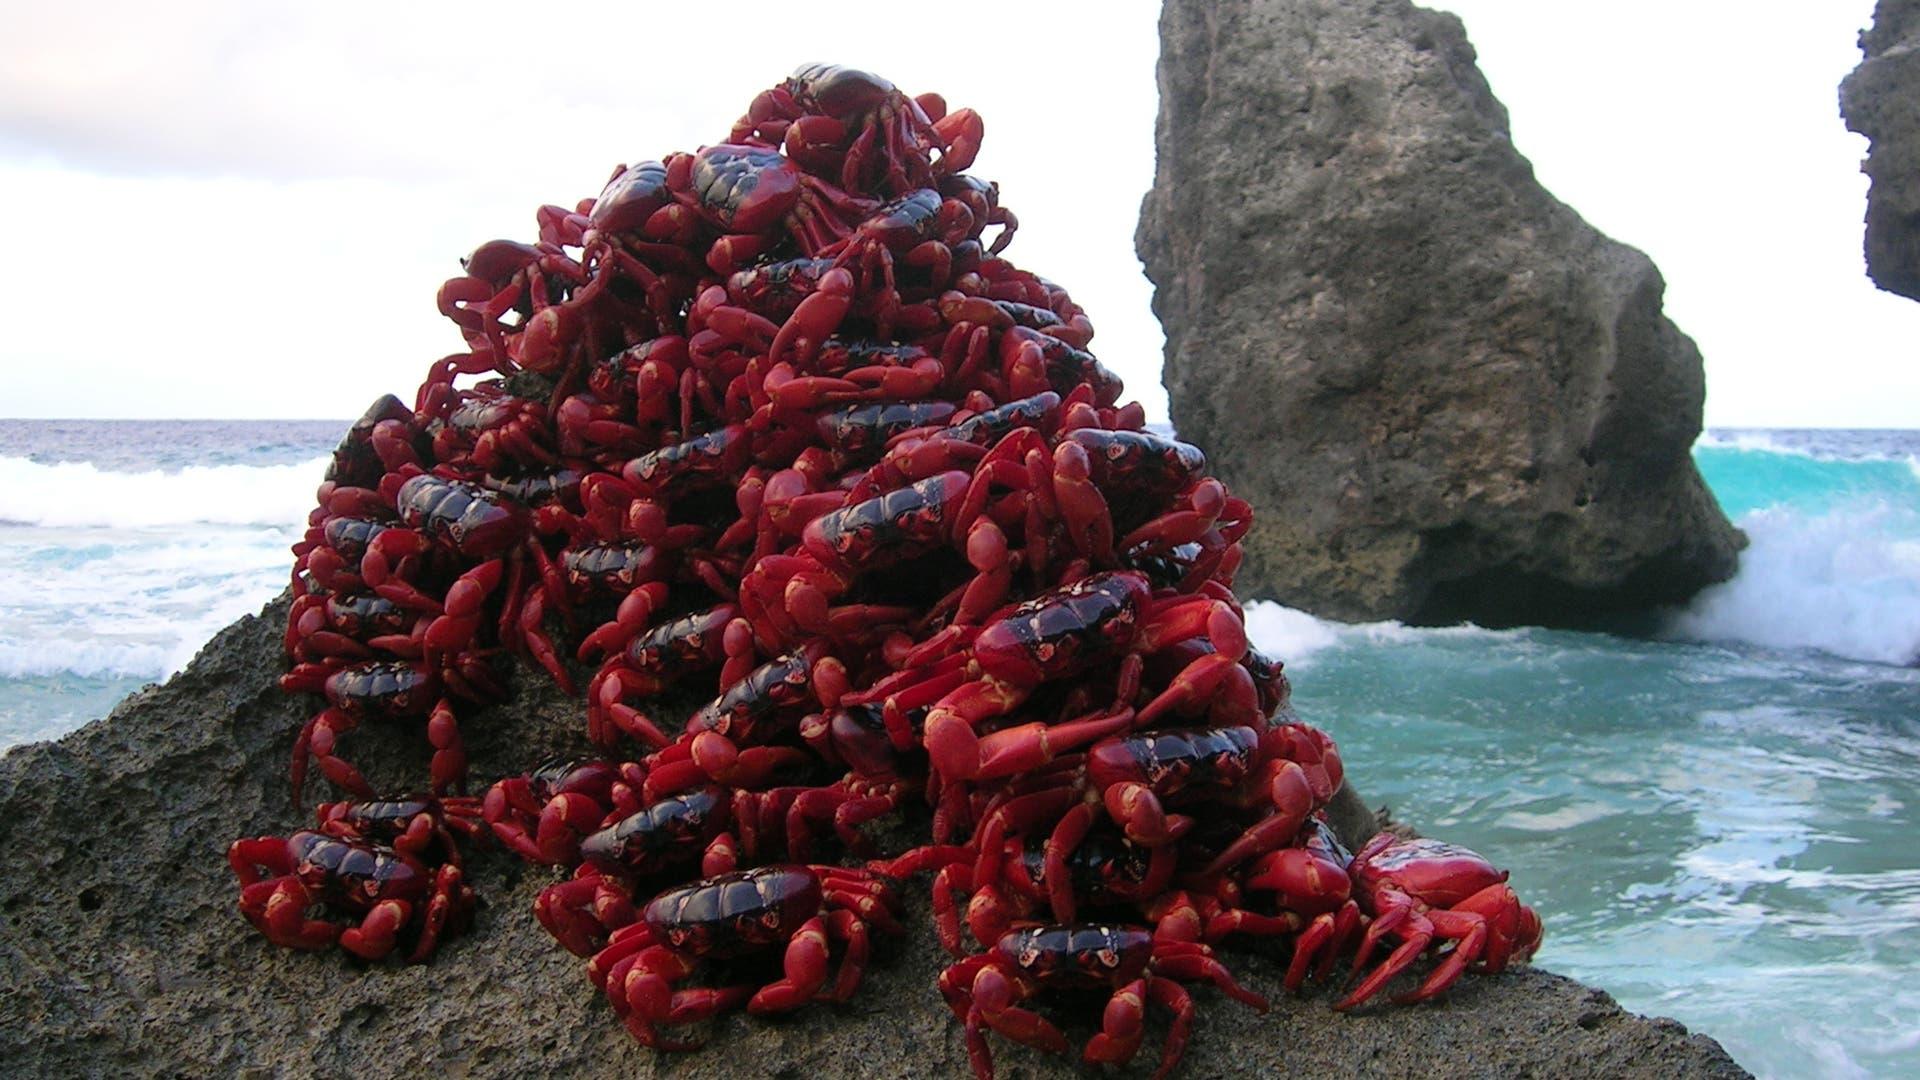 Im Ziel: Rote Krabbenmasse am Meer